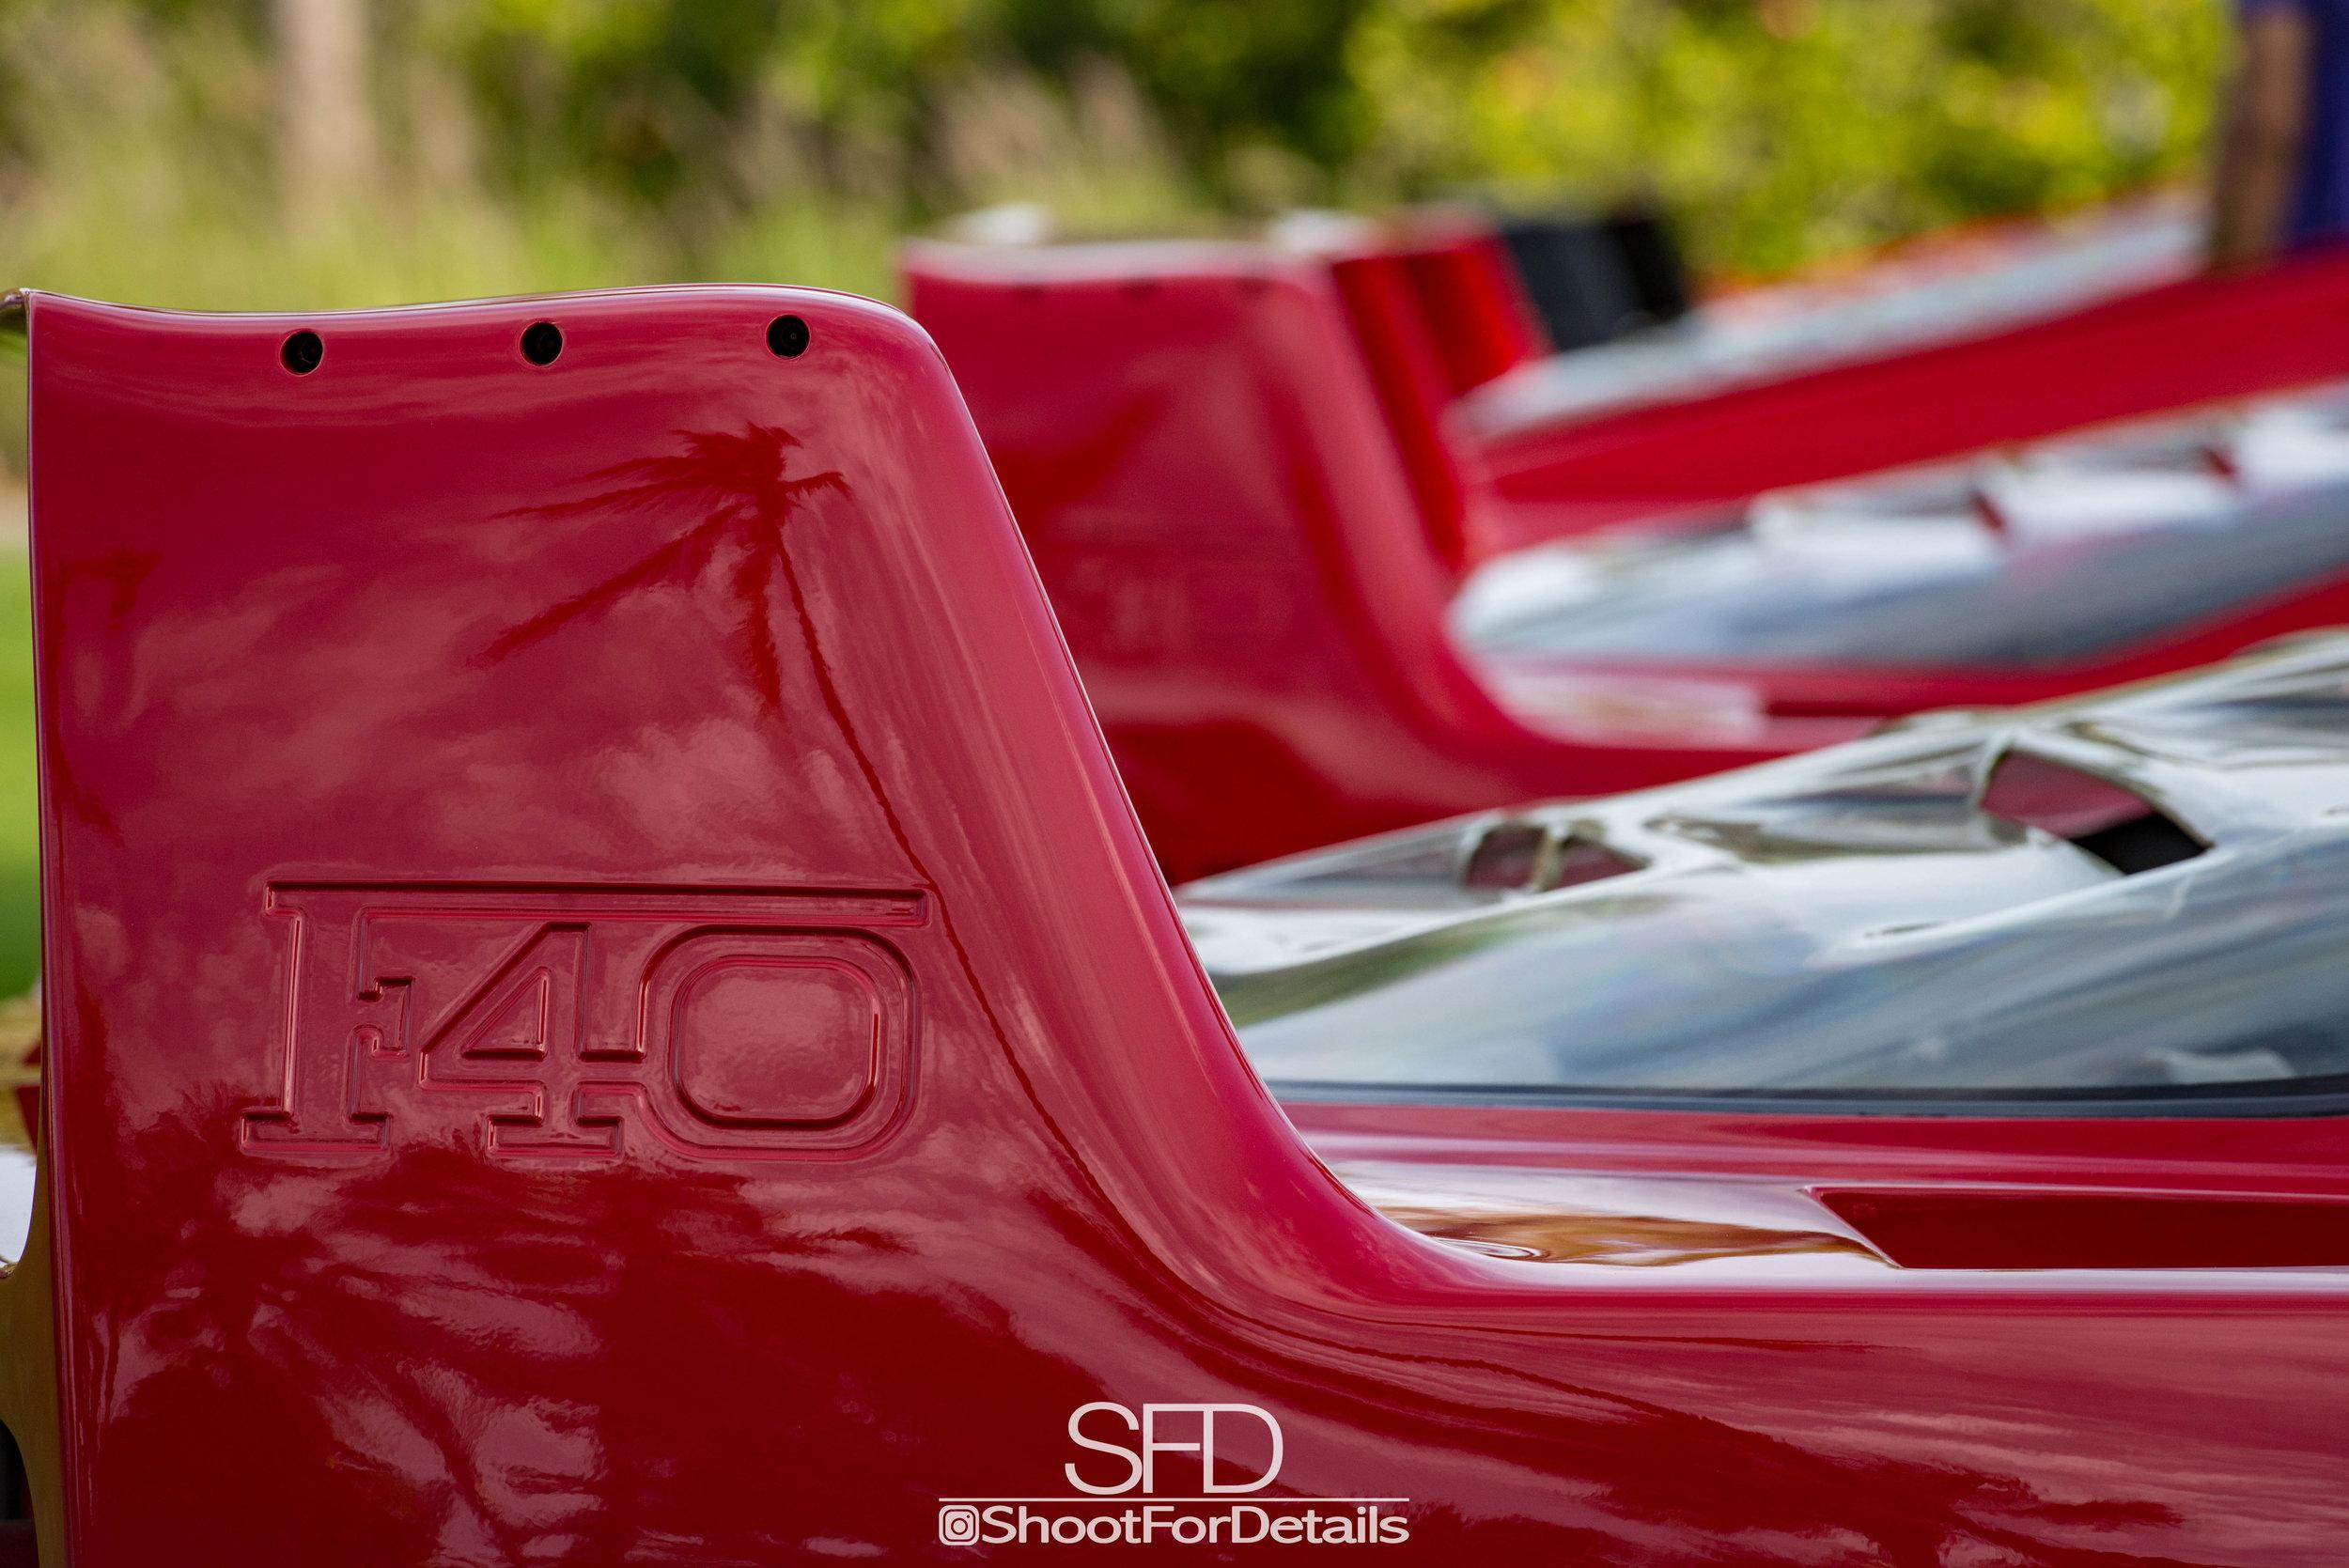 SFD_5033.jpg